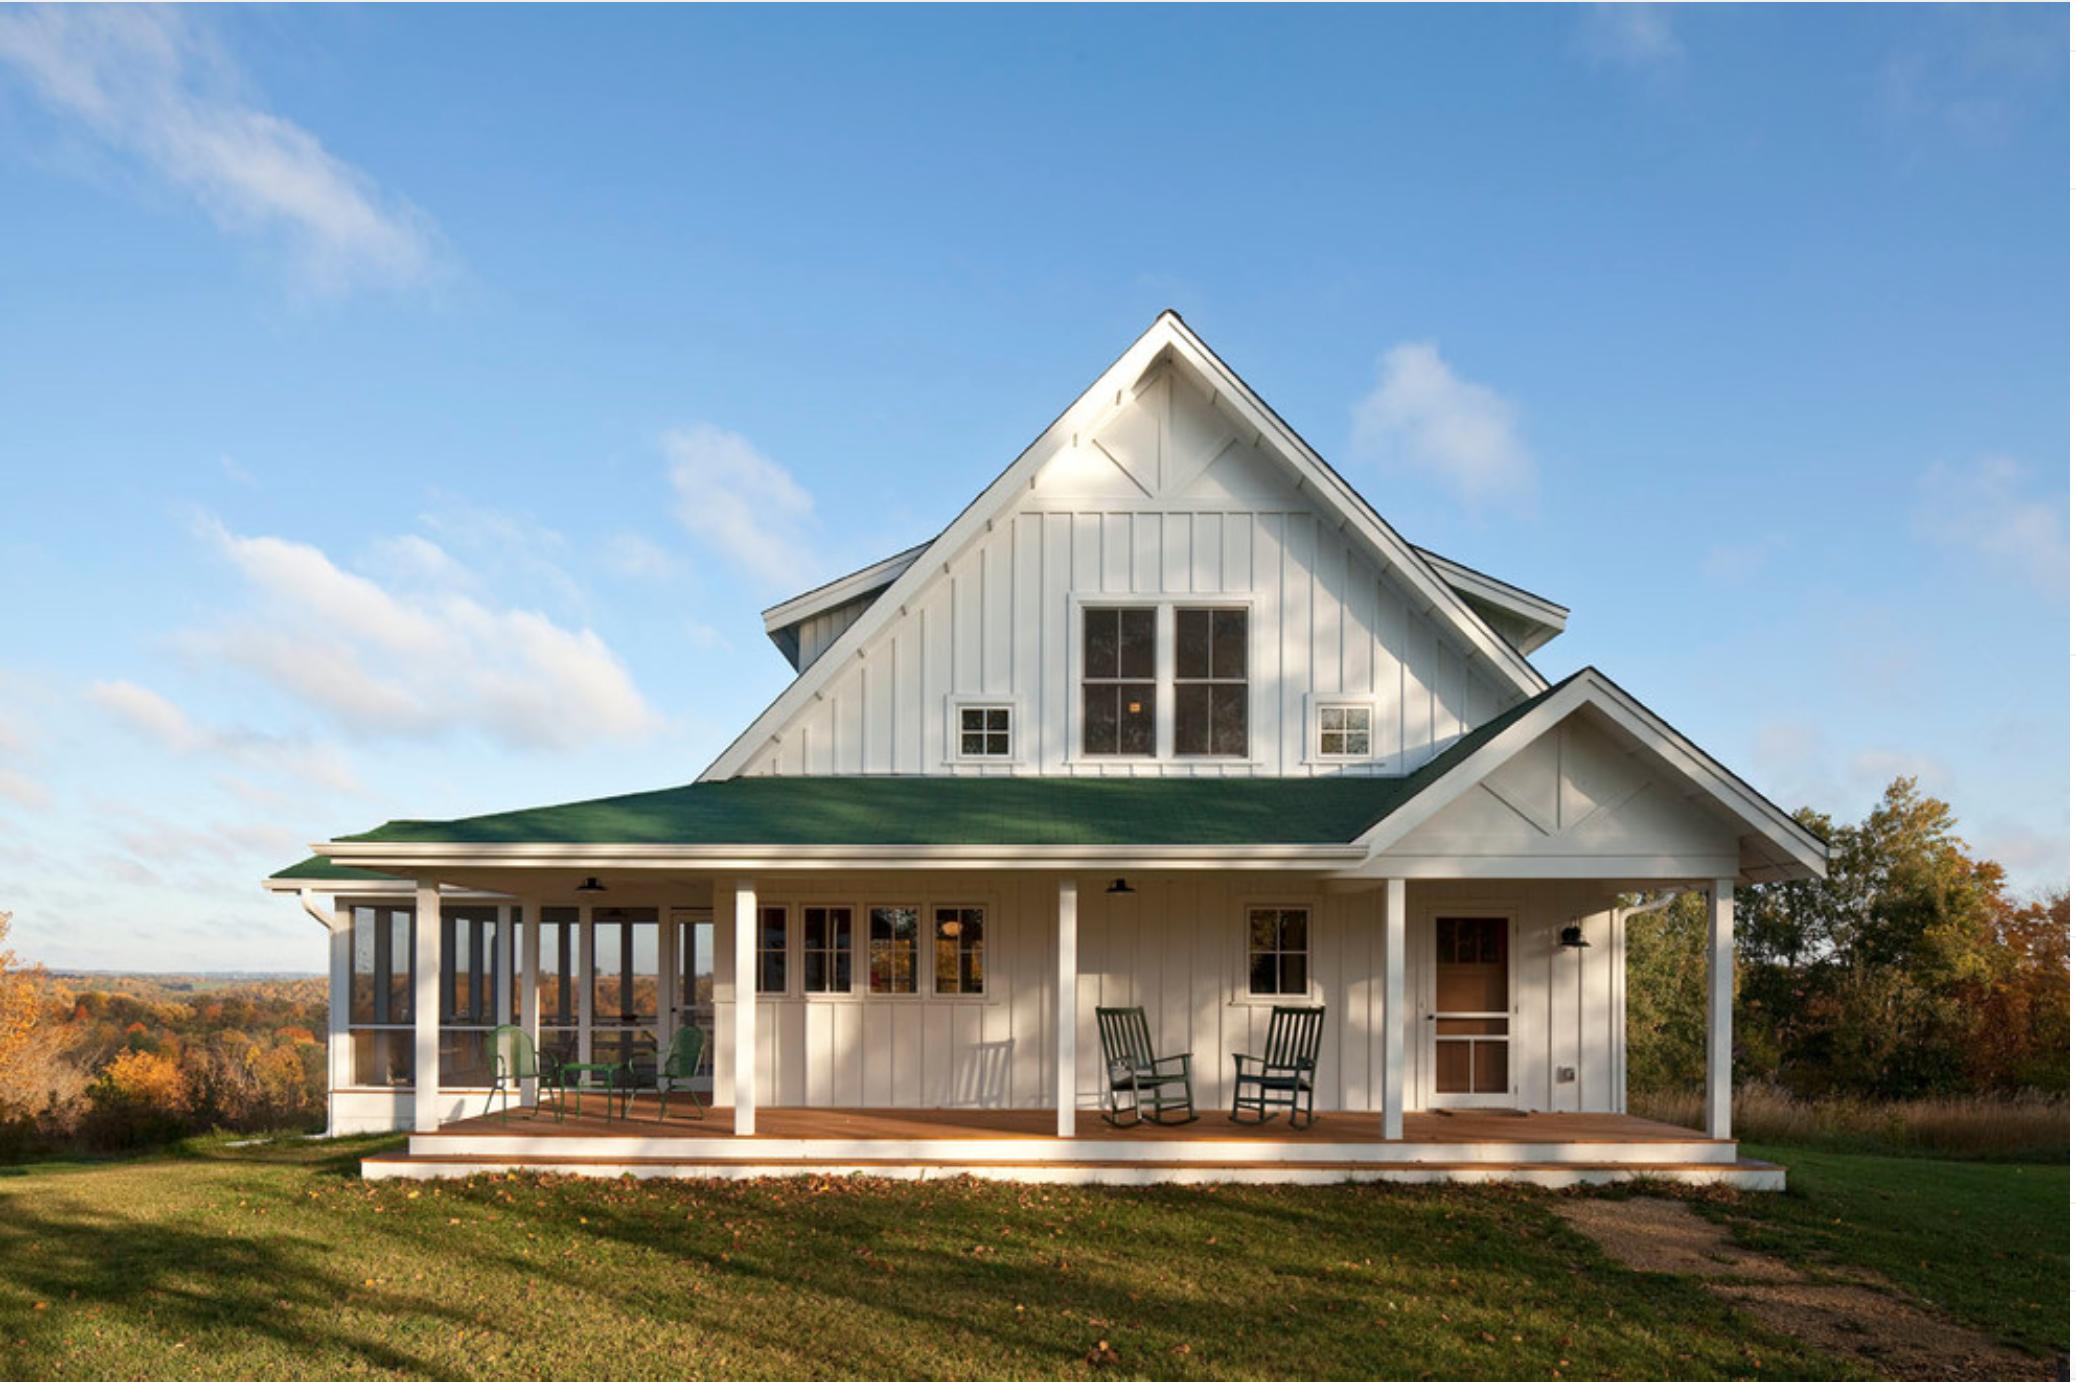 Minnesota farm house home ideas pinterest farm house for Texas farmhouse style